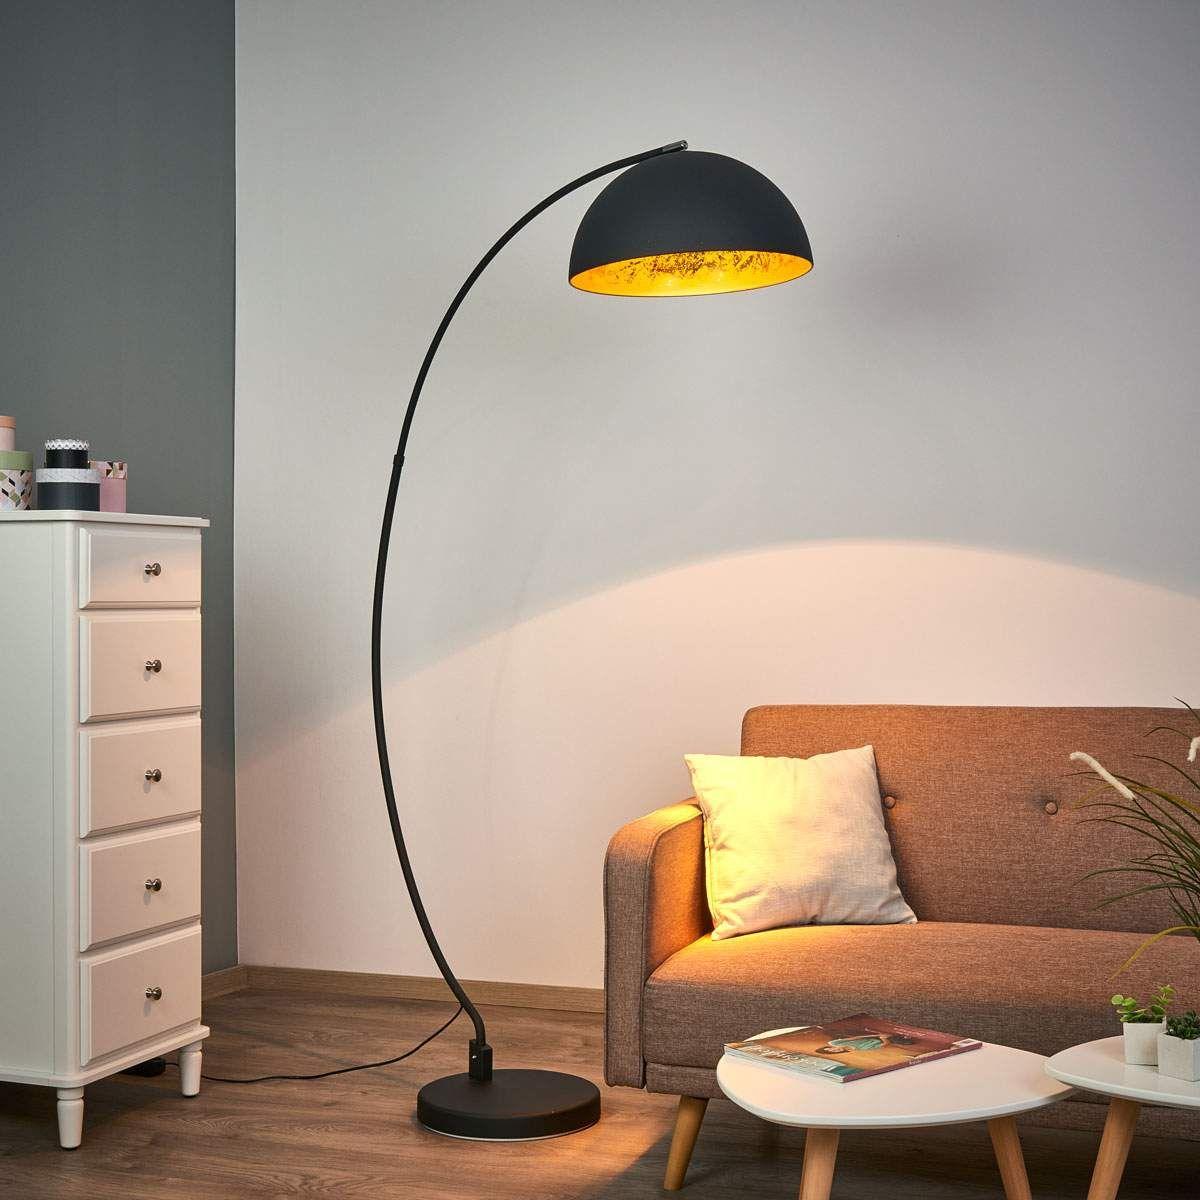 Bogen Stehleuchte Golden Sun Lampen Wohnzimmer Bodenlampe